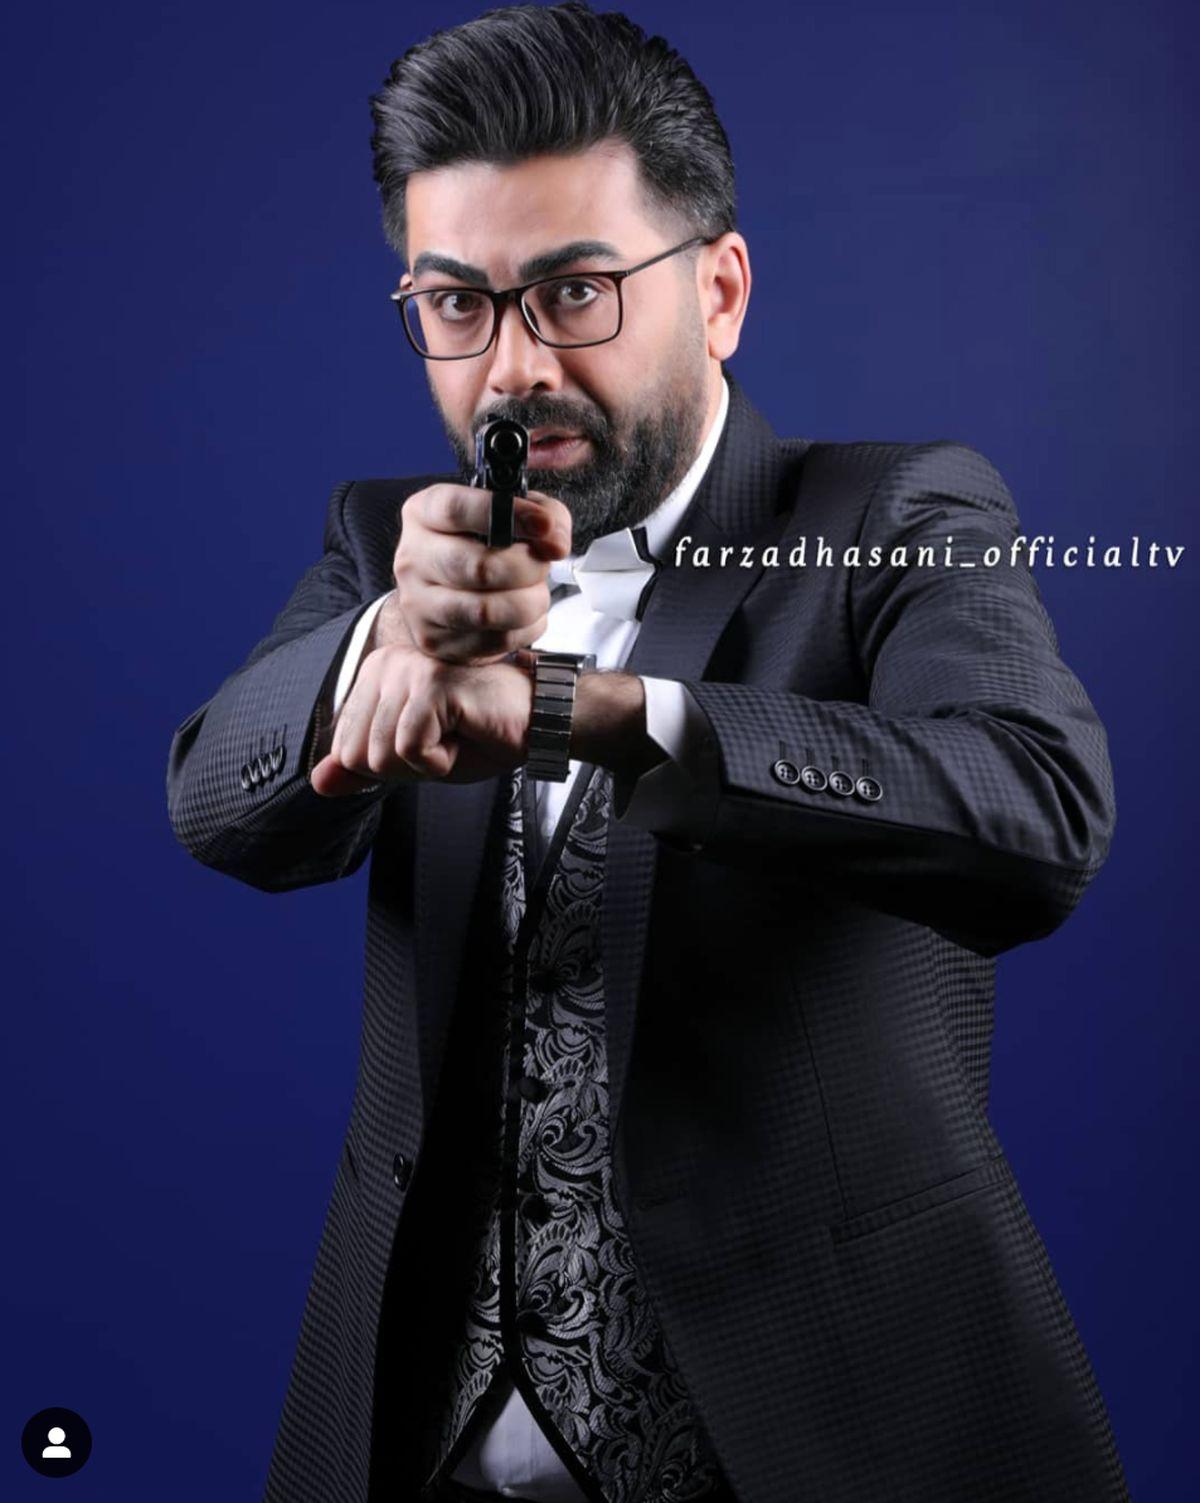 دعوای فرزاد حسنی با بازیگر معروف + فیلم